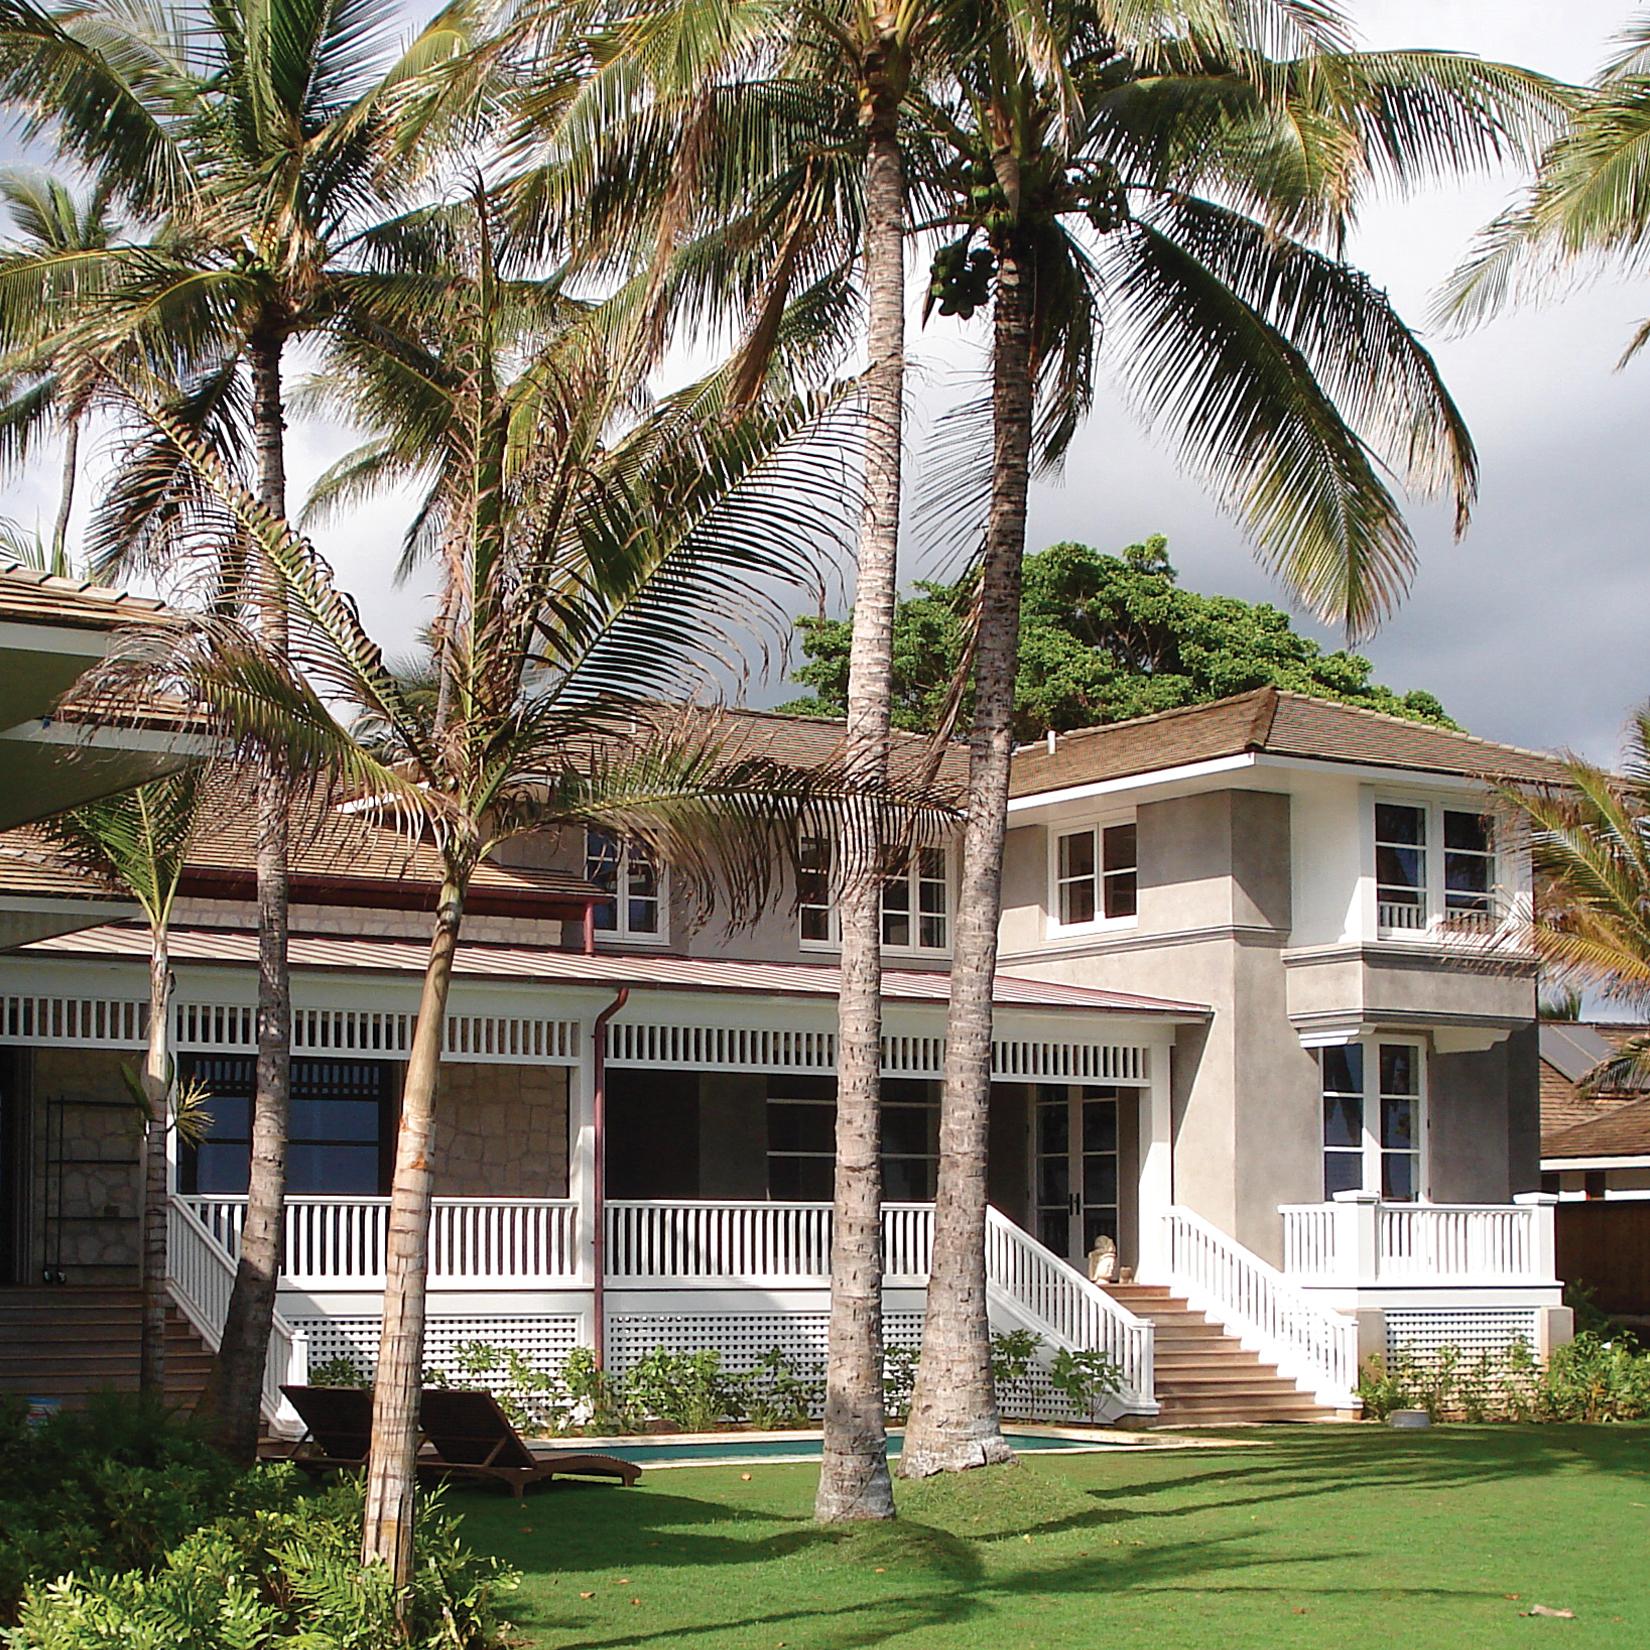 Kauai_Thumbnail.jpg